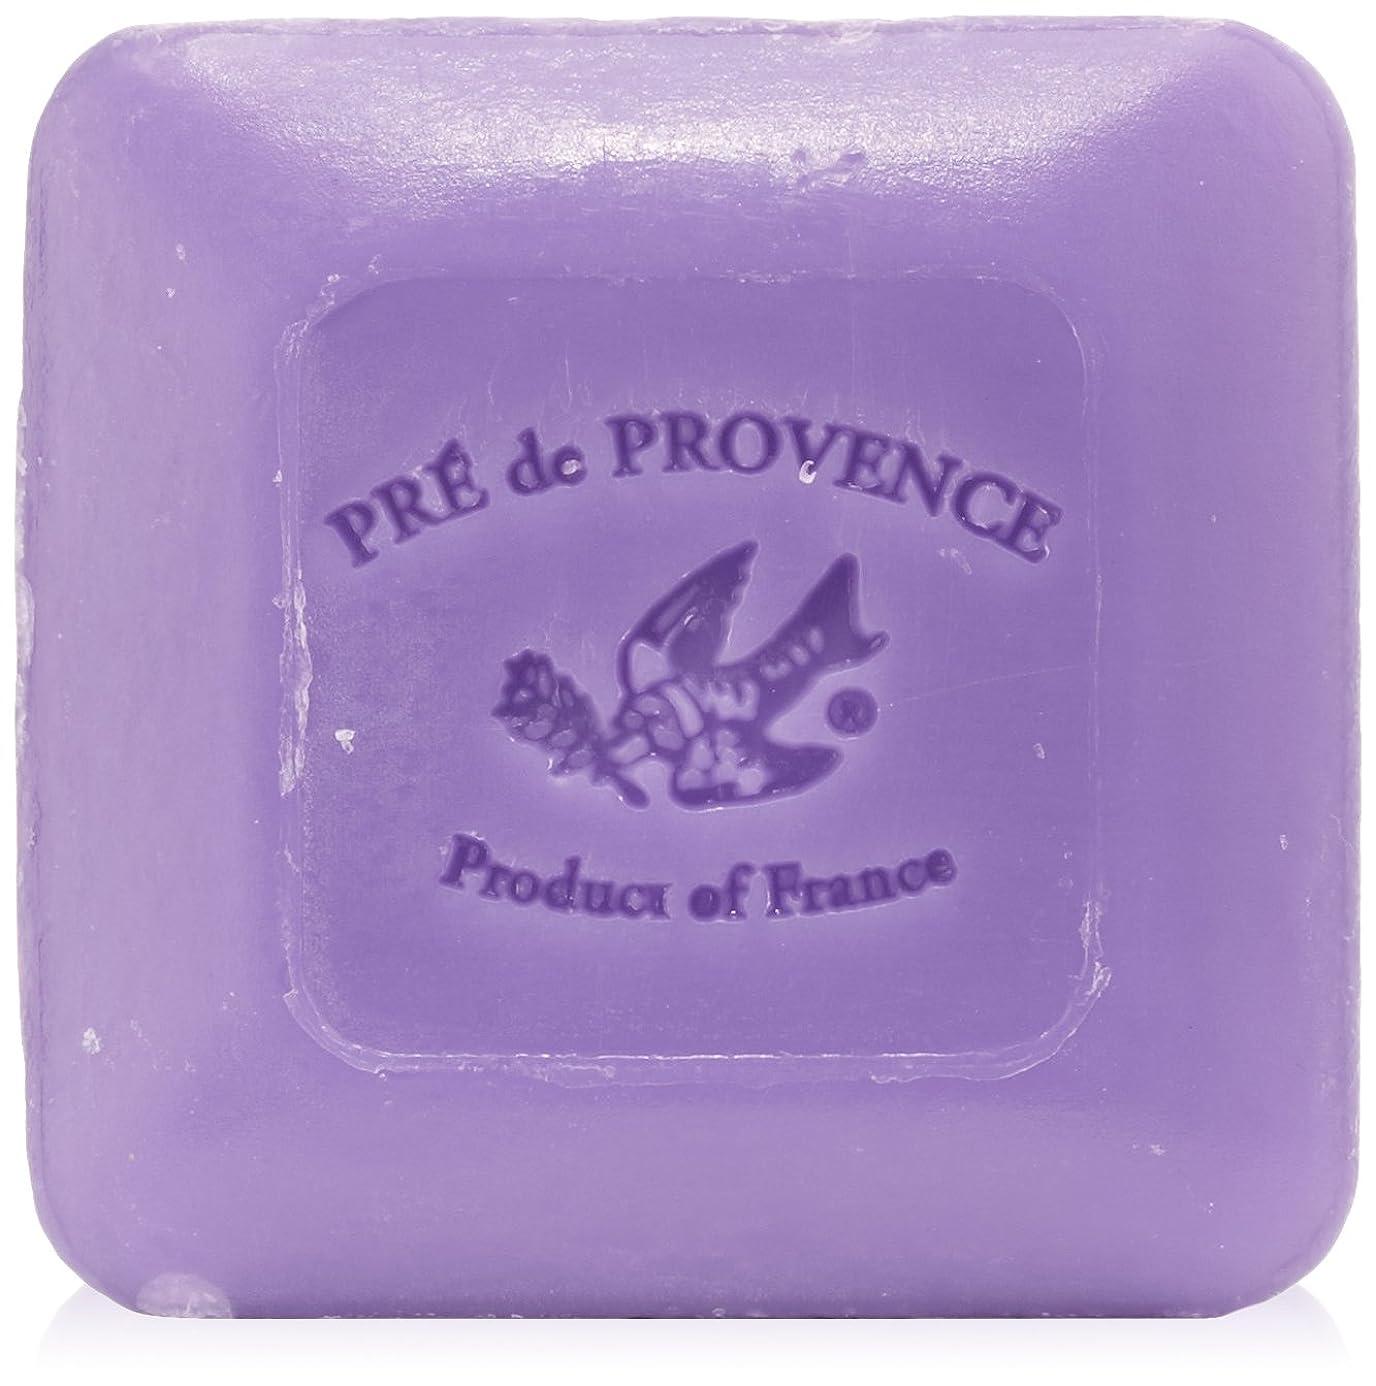 未接続強制的カップルPRE de PROVENCE シアバター エンリッチドソープ ギフトパック ジャスミン JASMIN プレ ドゥ プロヴァンス Shea Butter Enriched Soap